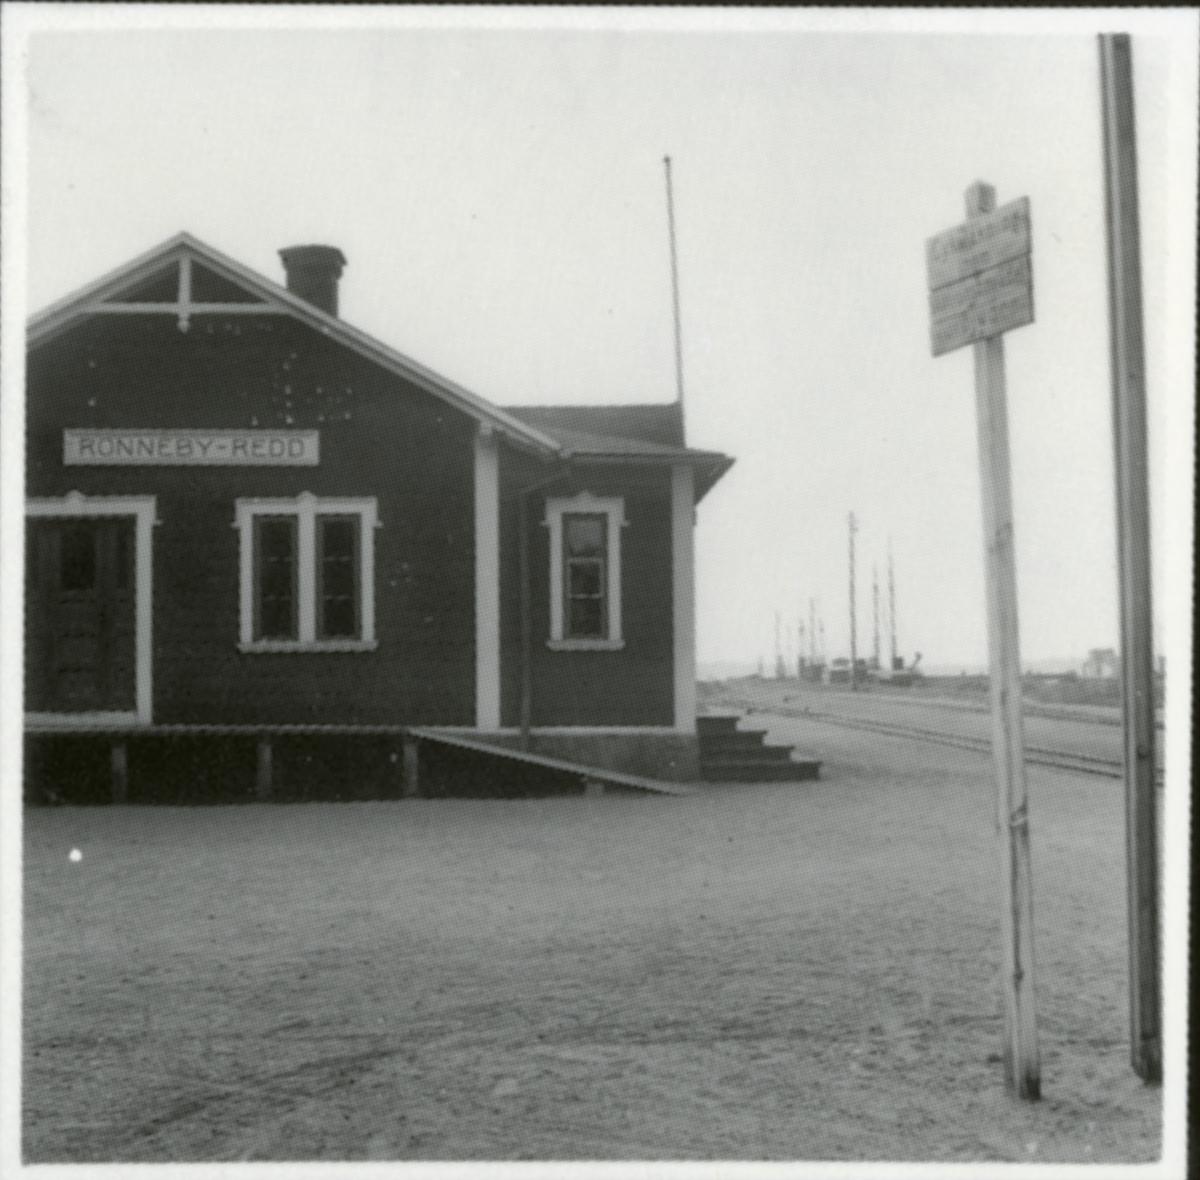 Ronneby-Redd station.